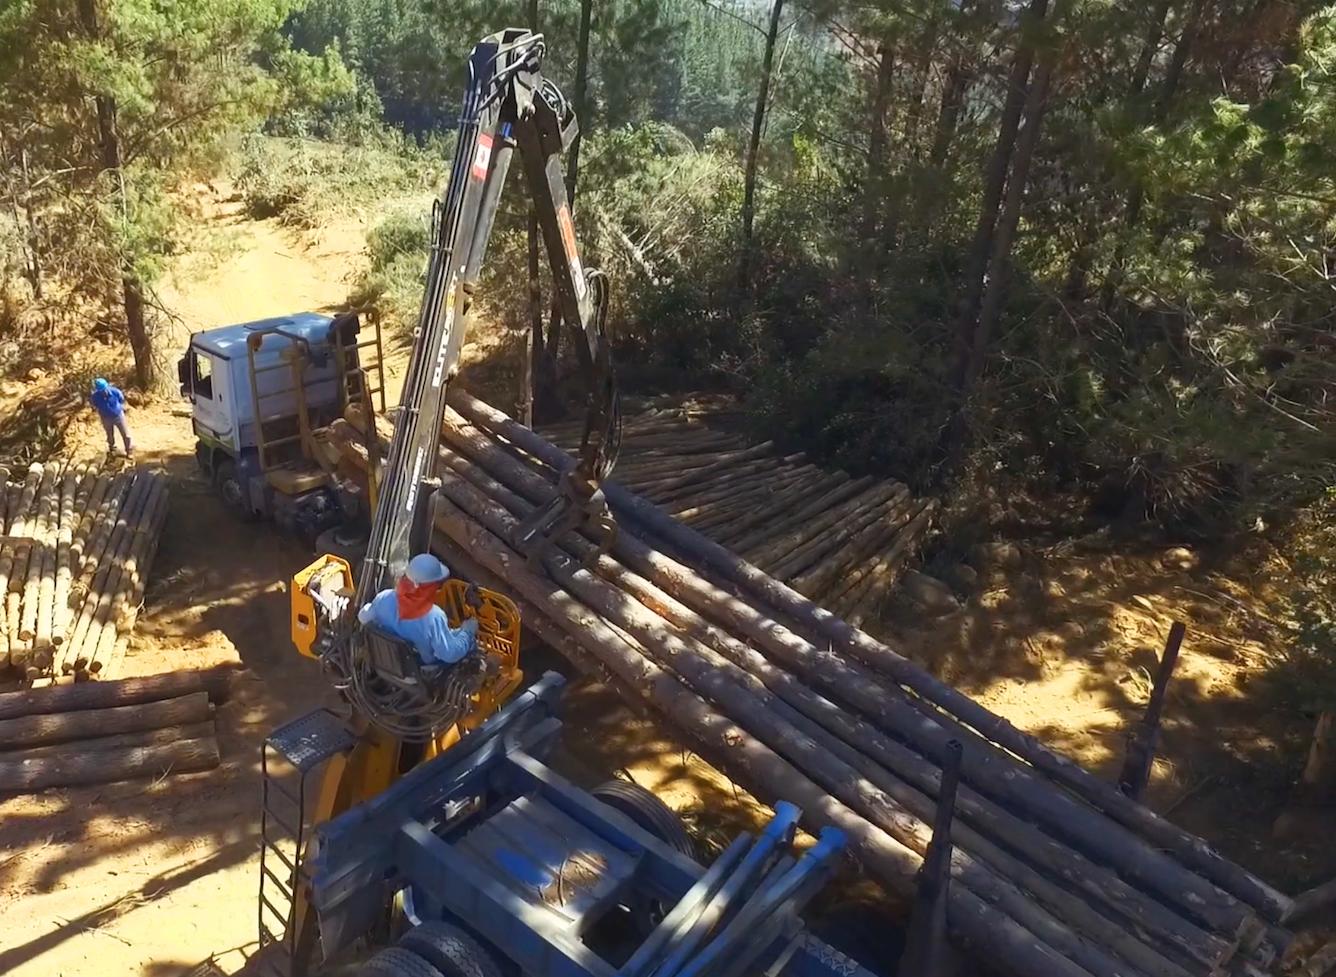 entrega oportuna de madera impregnada